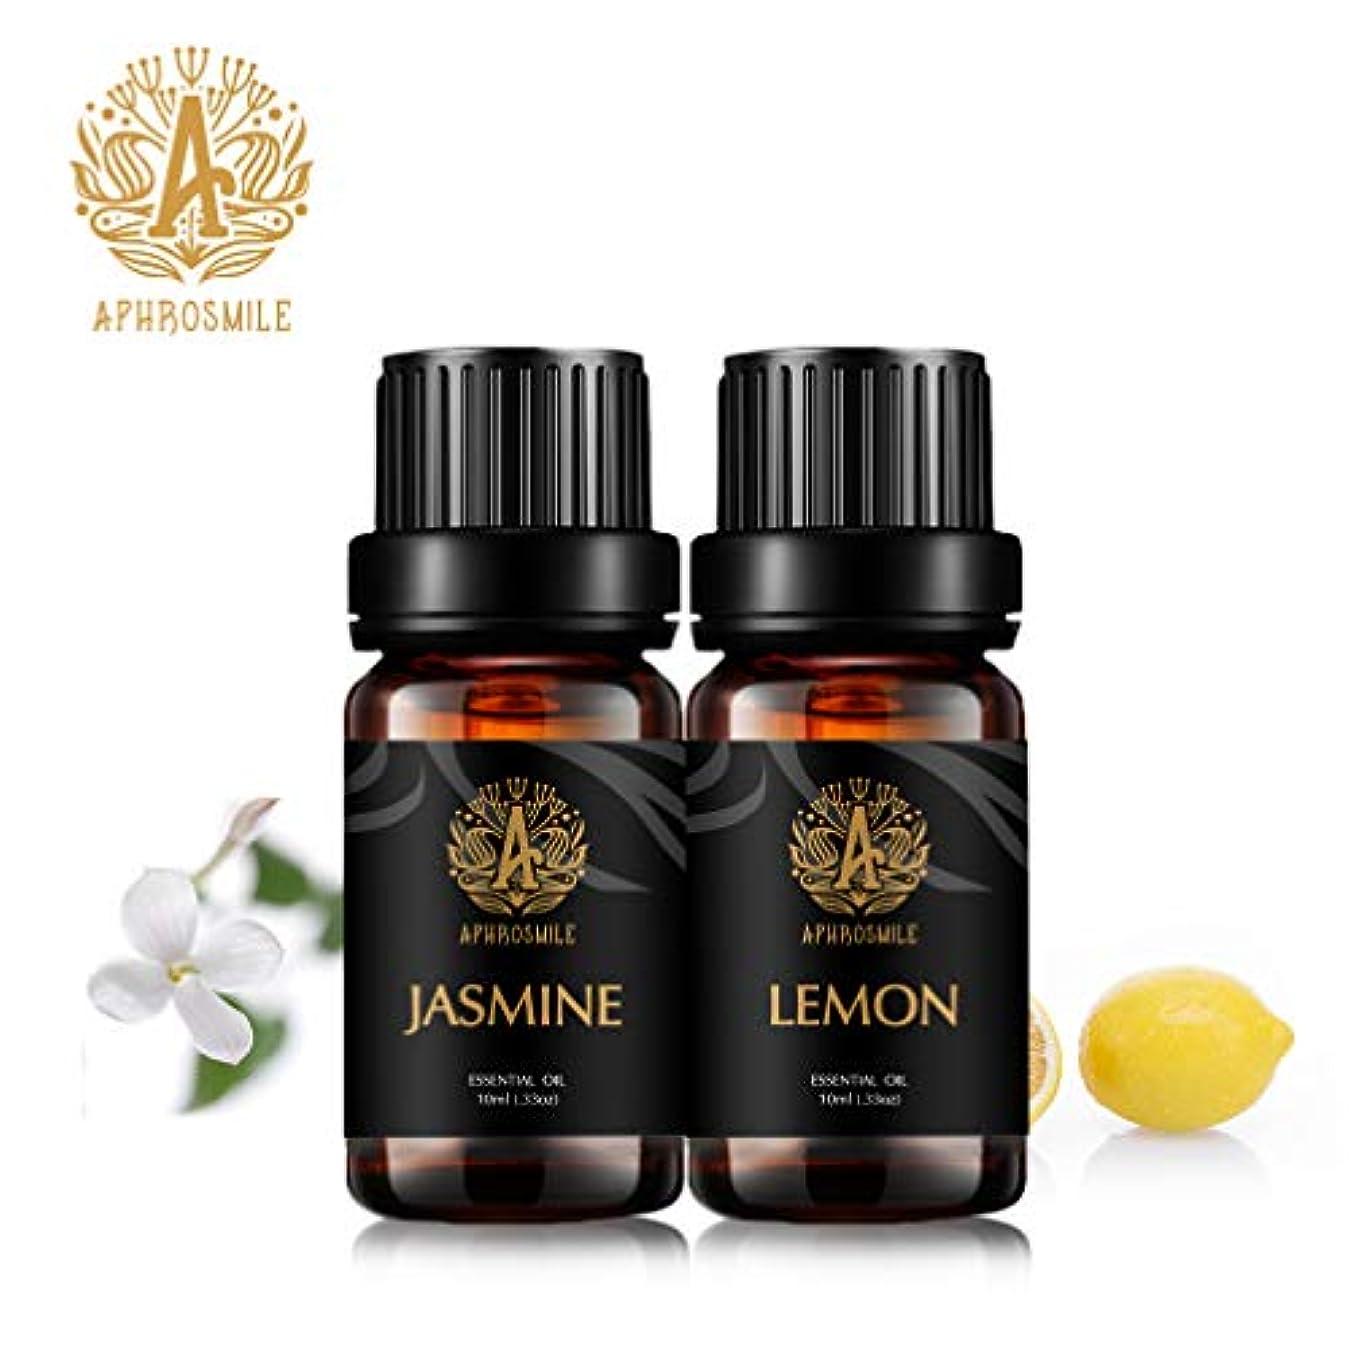 エイリアス結核省略APHORSMILE JP 100% 純粋と天然の精油、レモン/ジャスミン、2 /10mlボトル - 【エッセンシャルオイル】、アロマテラピー/デイリーケア可能